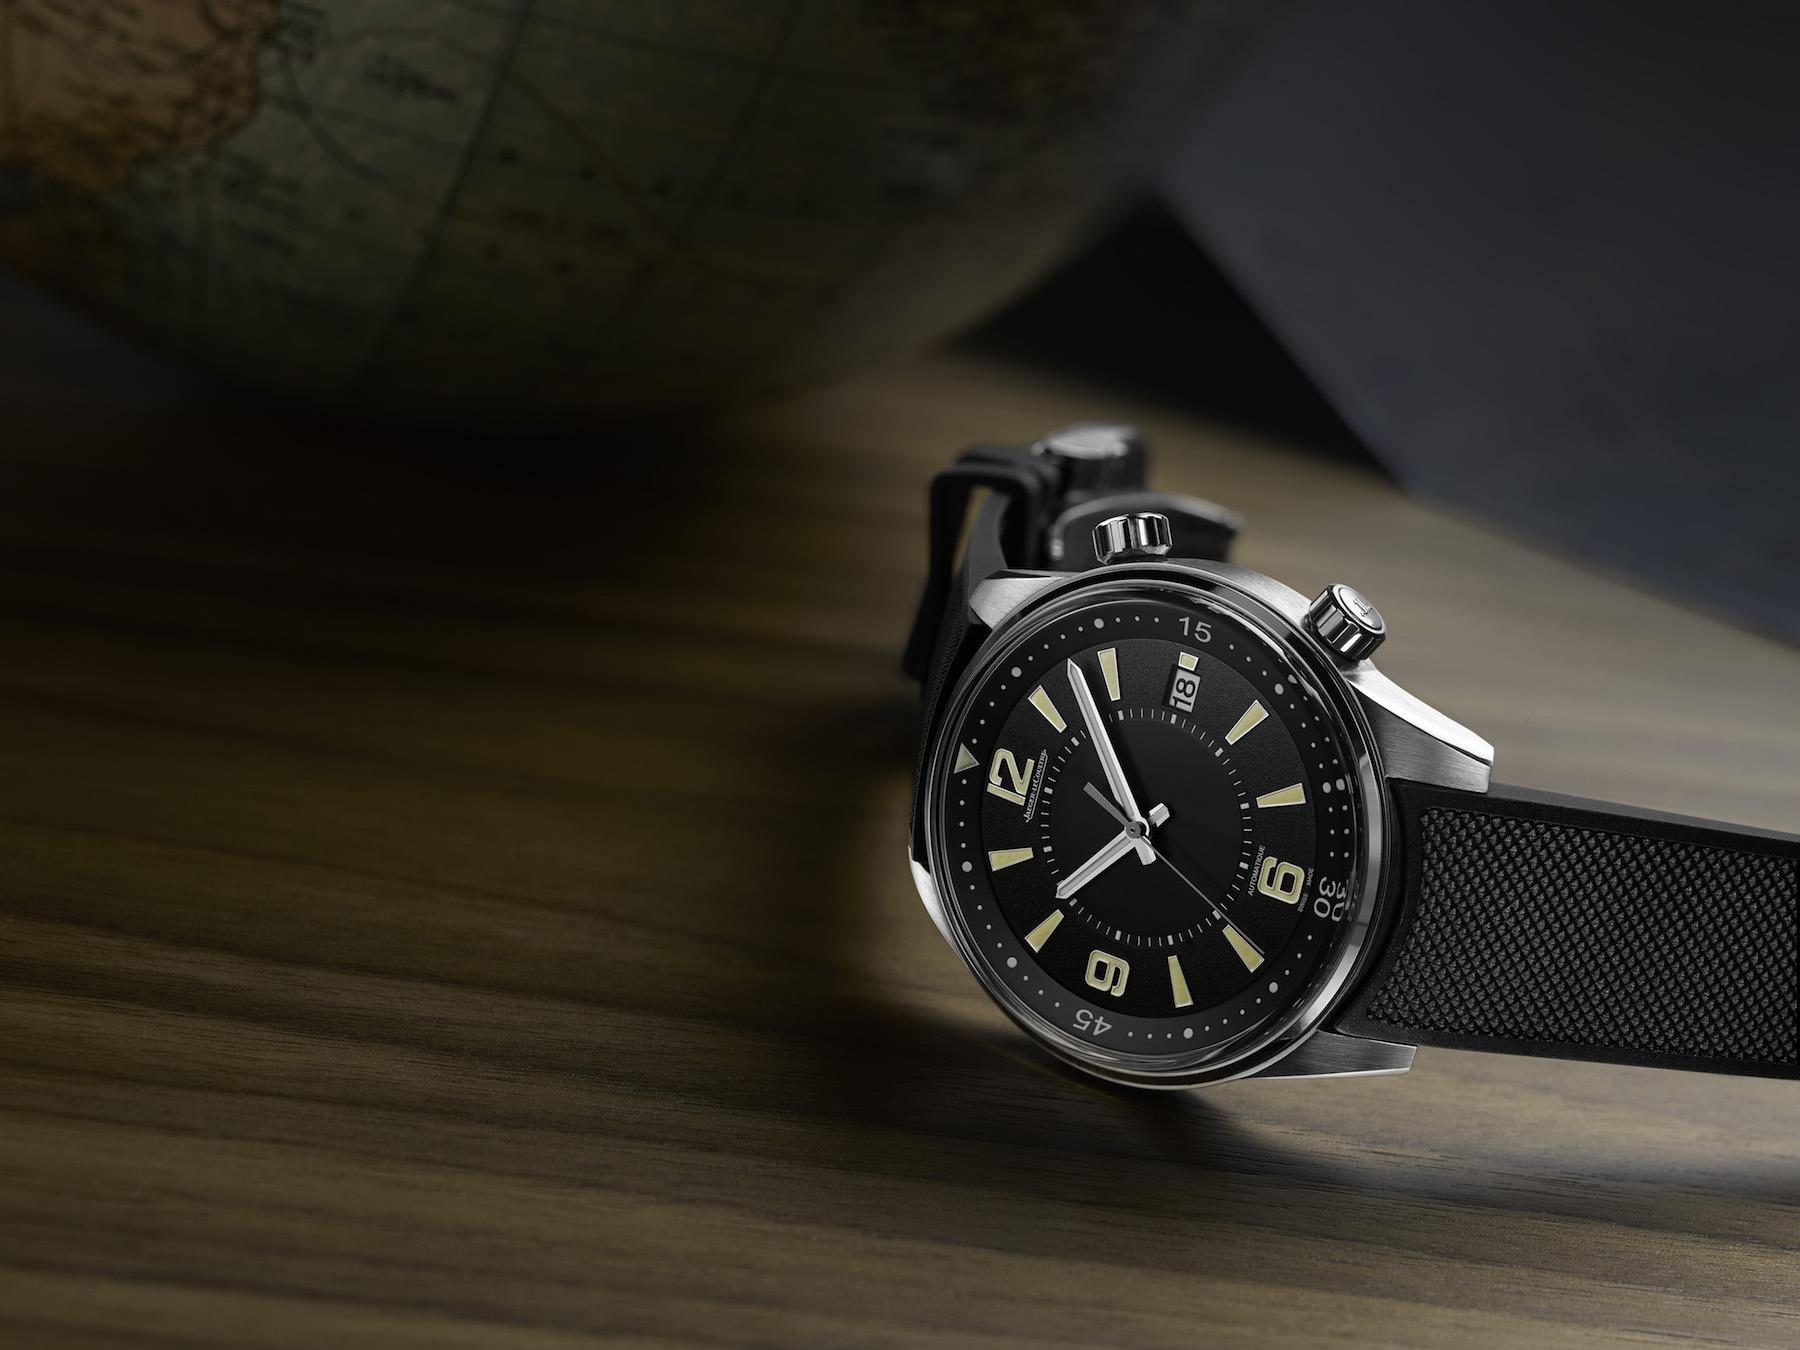 Die neue Jaeger-LeCoultre Polaris Date